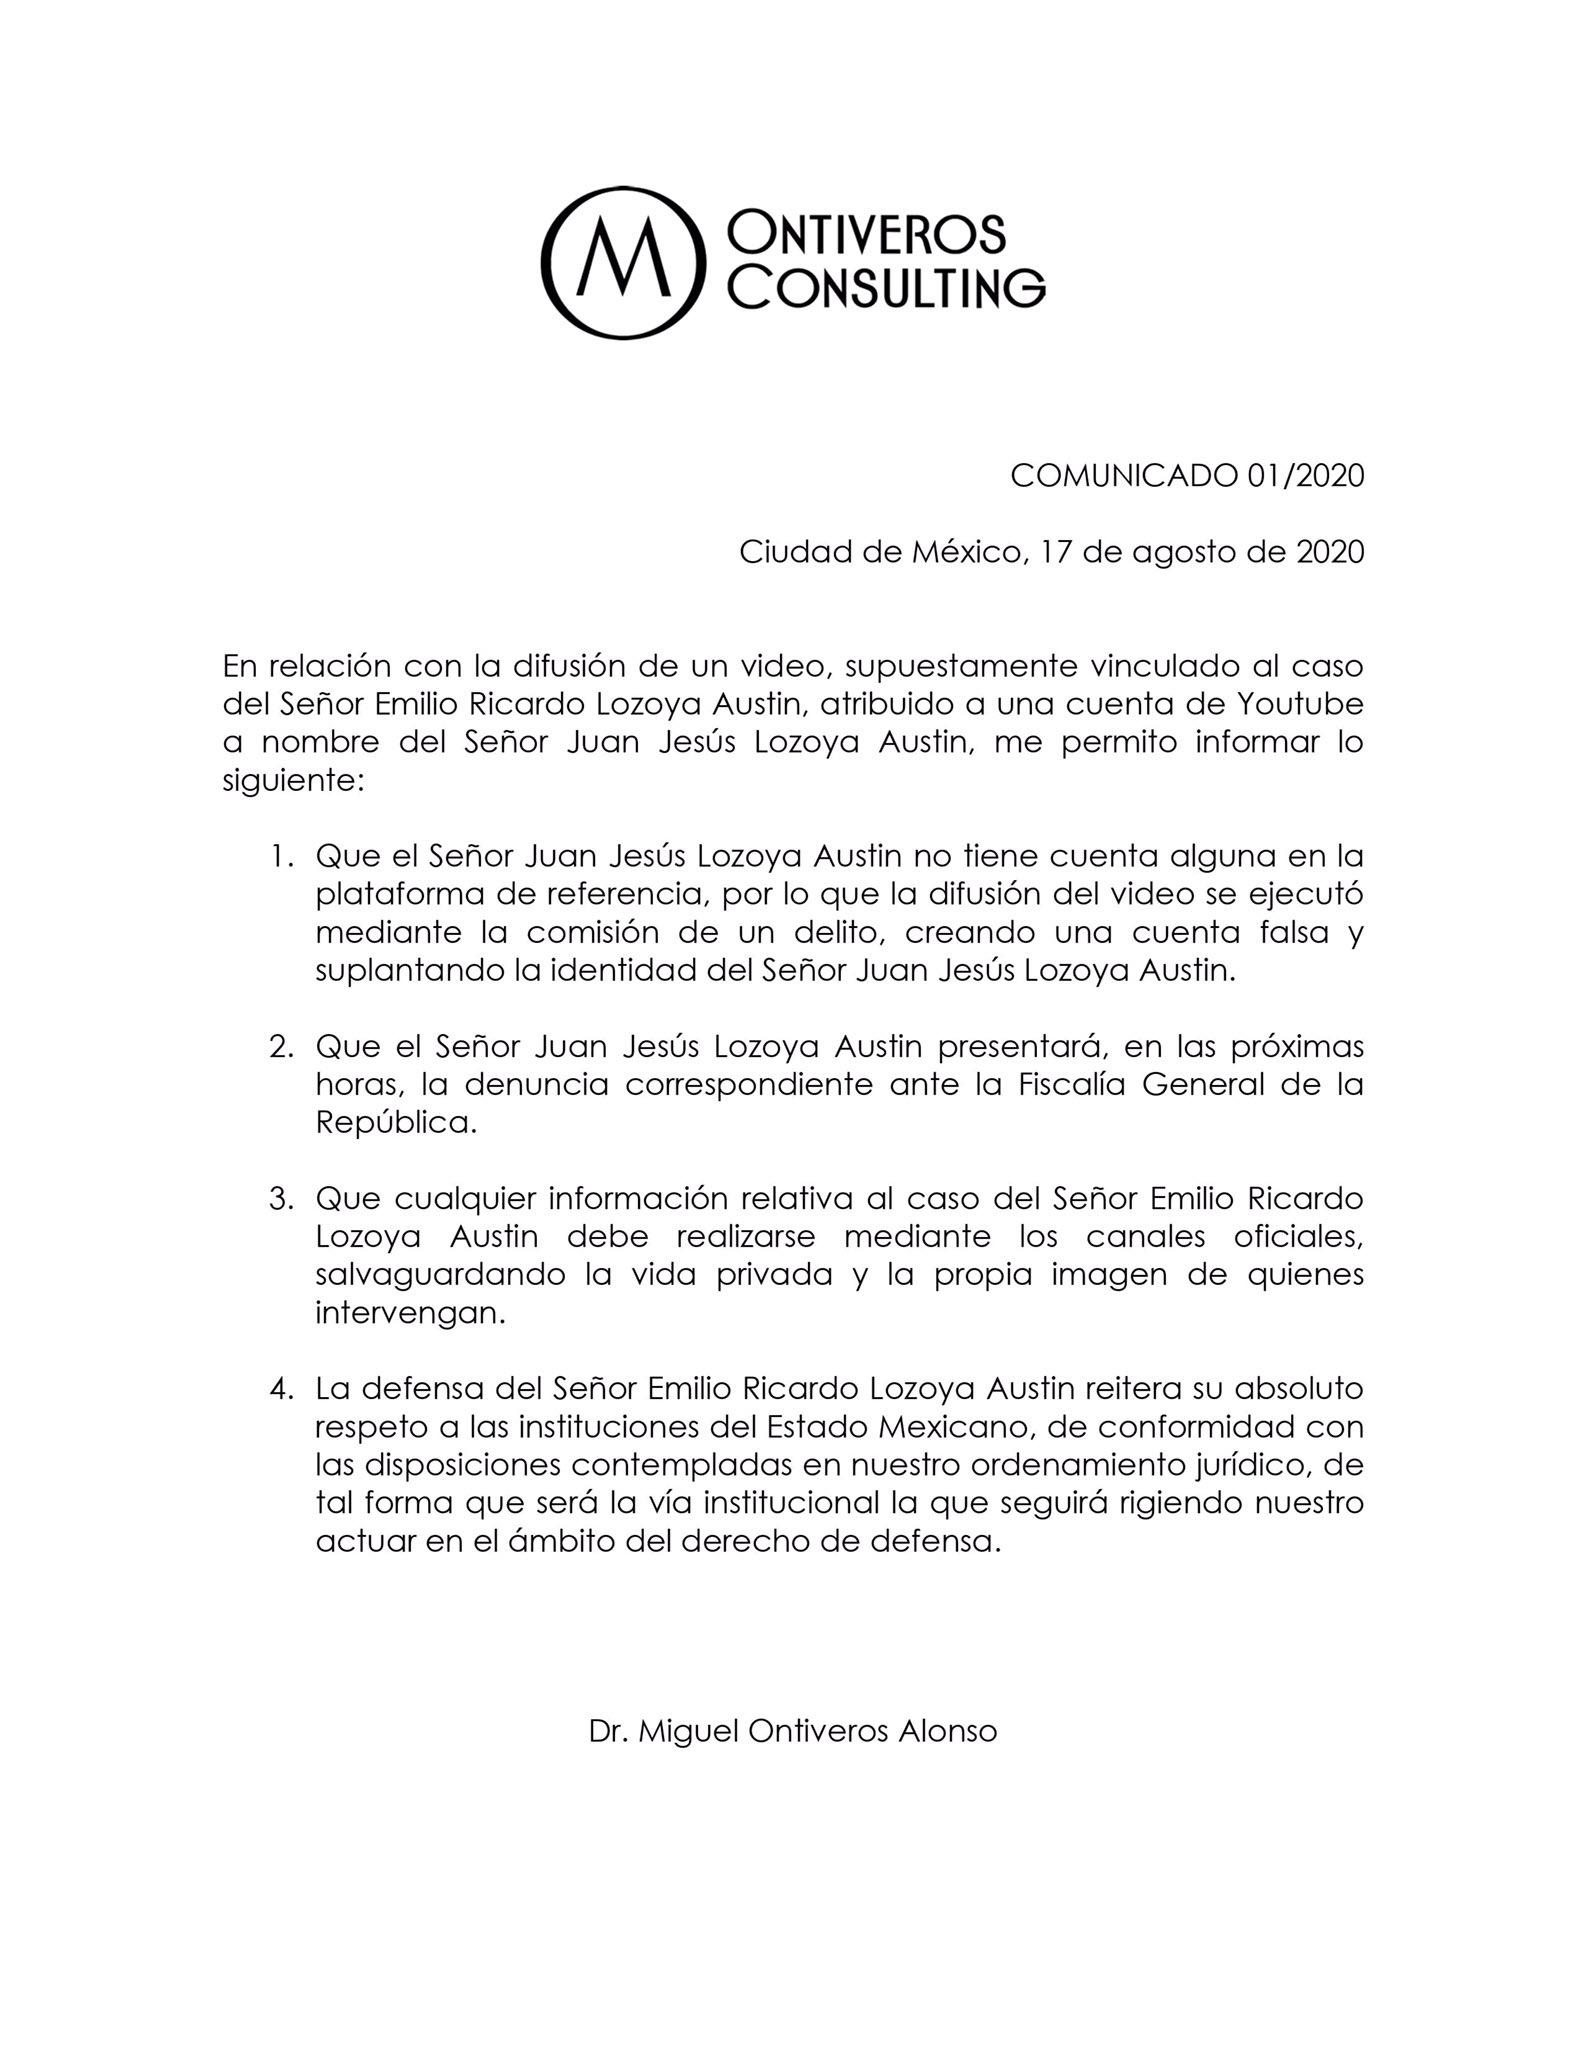 Video en YouTube de Emilio Lozoya es revelado durante la negociación que exdirectivo tiene con el Gobierno de AMLO.